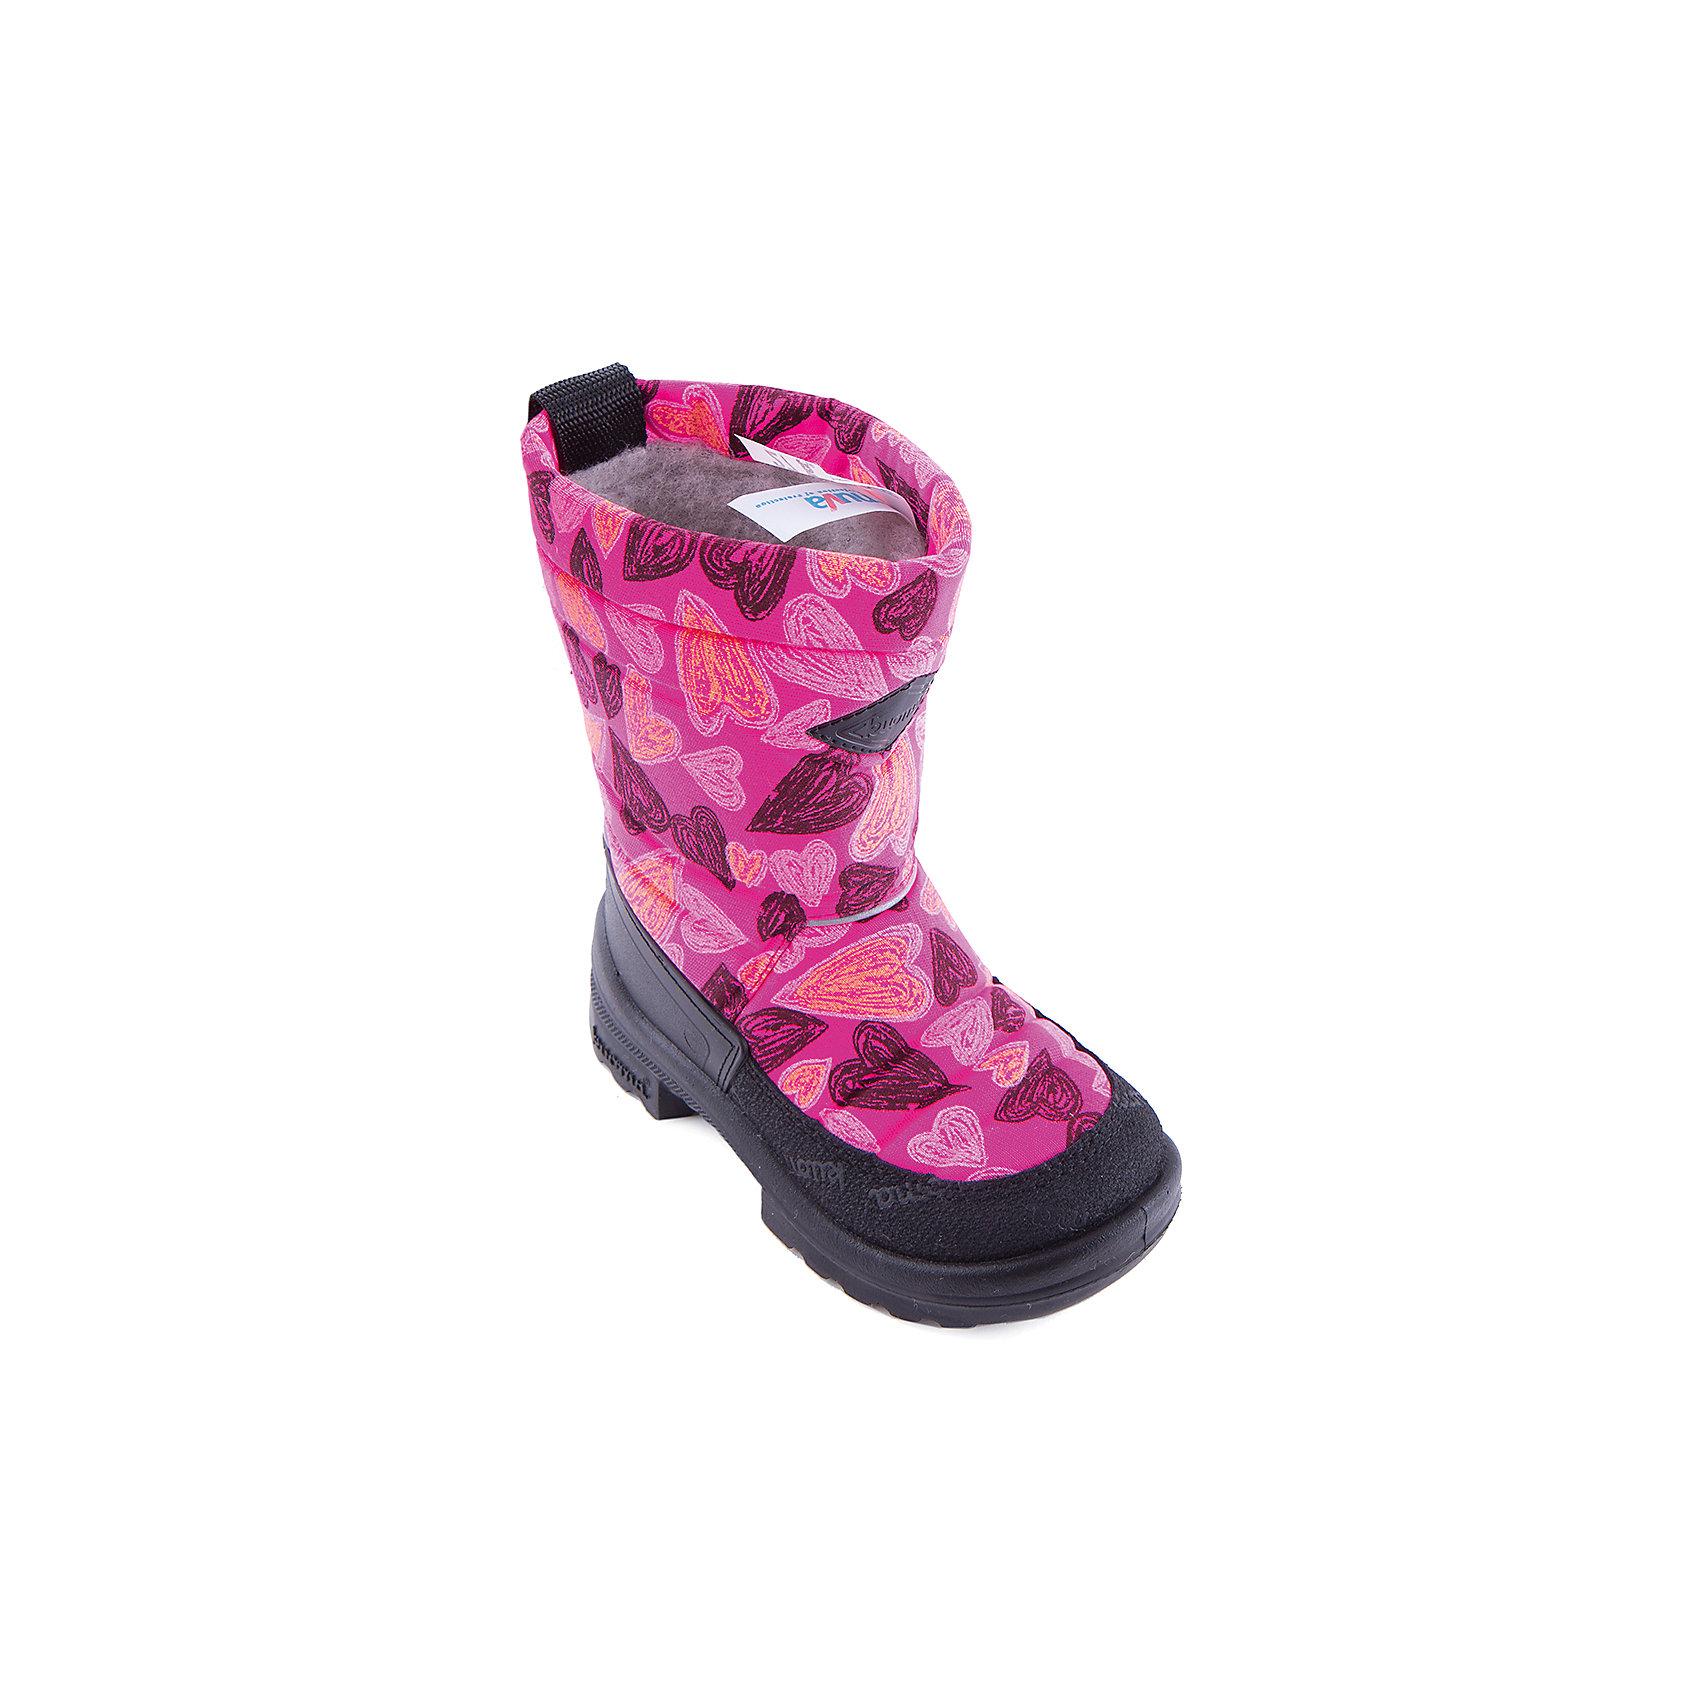 Сапоги Putkivarsi для девочки KUOMAОбувь<br>Характеристики товара:<br><br>• цвет: розовый<br>• декорированы принтом<br>• температурный режим: от -5° С до -30° С<br>• внешний материал: полиамид <br>• стелька: искусственный войлок<br>• подошва: полиуретан<br>• светоотражающие детали<br>• амортизирующая износостойкая подошва<br>• сменная стелька<br>• верх  - с влагоотталкивающей обработкой<br>• страна бренда: Финляндия<br>• страна изготовитель: Финляндия<br><br>Во всех валенках Kuoma до 26 размера включительно утеплитель – натуральная шерсть, начиная с 27 размера – искусственный мех.<br><br>Стильные сапожки для ребенка от известного бренда детской обуви KUOMA (Куома) созданы специально для холодной погоды. Качественные материалы с пропиткой против грязи и воды и модный дизайн понравятся и малышам и их родителям. Подошва и стелька обеспечат ребенку комфорт, сухость и тепло, позволяя в полной мере наслаждаться зимним отдыхом. Усиленная защита пятки и носка обеспечивает дополнительную безопасность детских ног в этих сапожках.<br>Эта красивая и удобная обувь прослужит долго благодаря известному качеству финских товаров. Производитель предусмотрел даже светоотражающие детали и амортизирующие свойства подошвы! Модель производится из качественных и проверенных материалов, которые безопасны для детей.<br><br>Зимние сапоги для девочки от бренда KUOMA (Куома) можно купить в нашем интернет-магазине.<br><br>Ширина мм: 257<br>Глубина мм: 180<br>Высота мм: 130<br>Вес г: 420<br>Цвет: розовый<br>Возраст от месяцев: 15<br>Возраст до месяцев: 18<br>Пол: Женский<br>Возраст: Детский<br>Размер: 22,29,25,28,30,33,35,34,32,31,27,26,24,23<br>SKU: 3756452